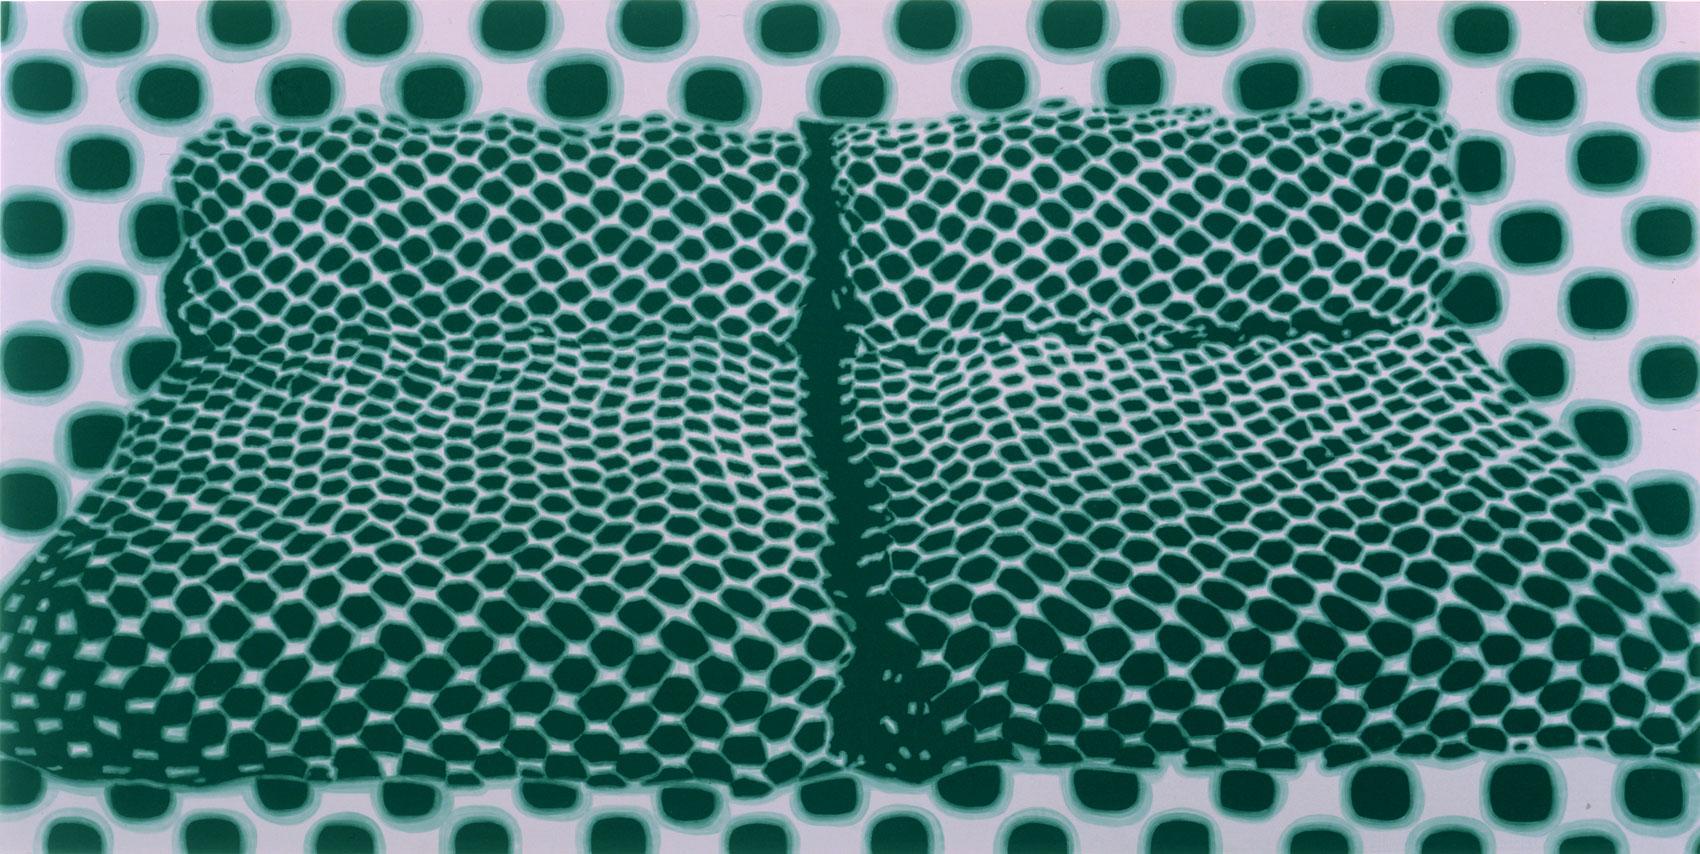 lits, 1998, peinture alkyde sur Dibond, 90 x 160 cm